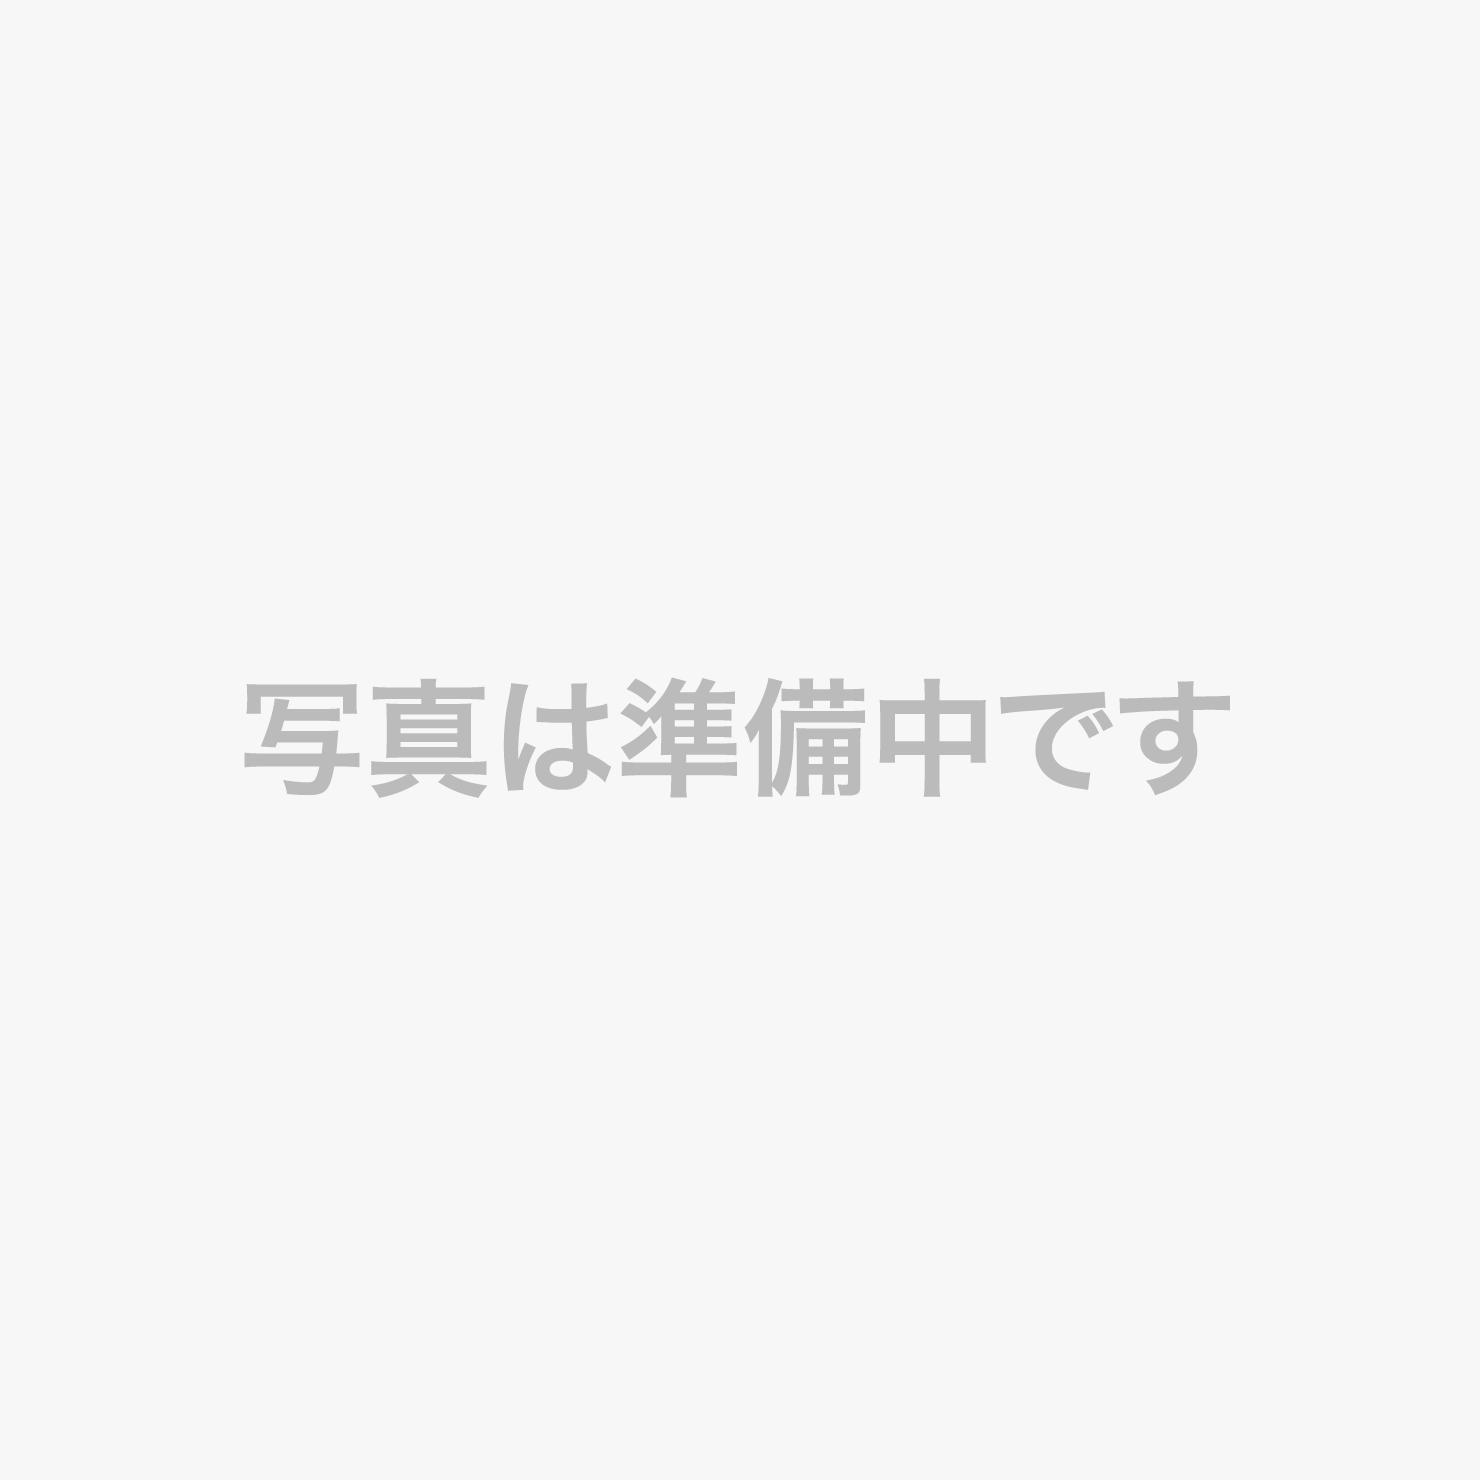 【クラブラウンジ】*ソファー席*神戸の街を見下ろしながら、ご自由におくつろぎください。